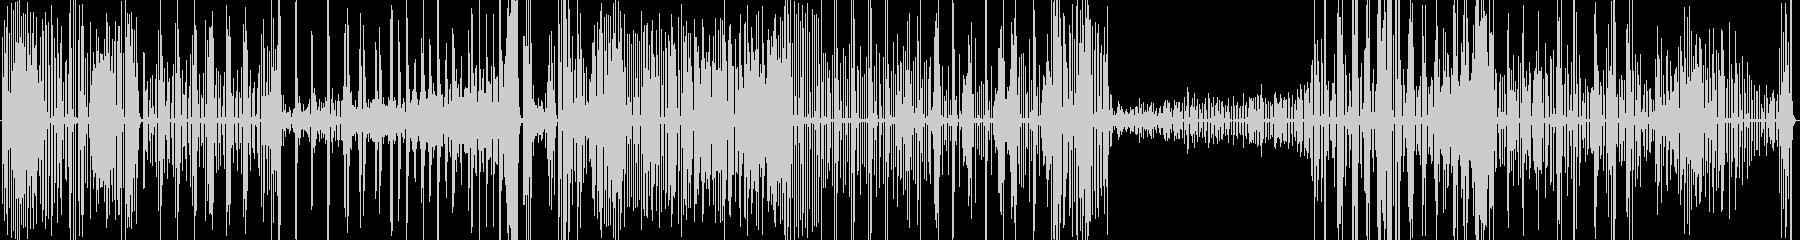 1本のコンガでフリーソロ Congasの未再生の波形